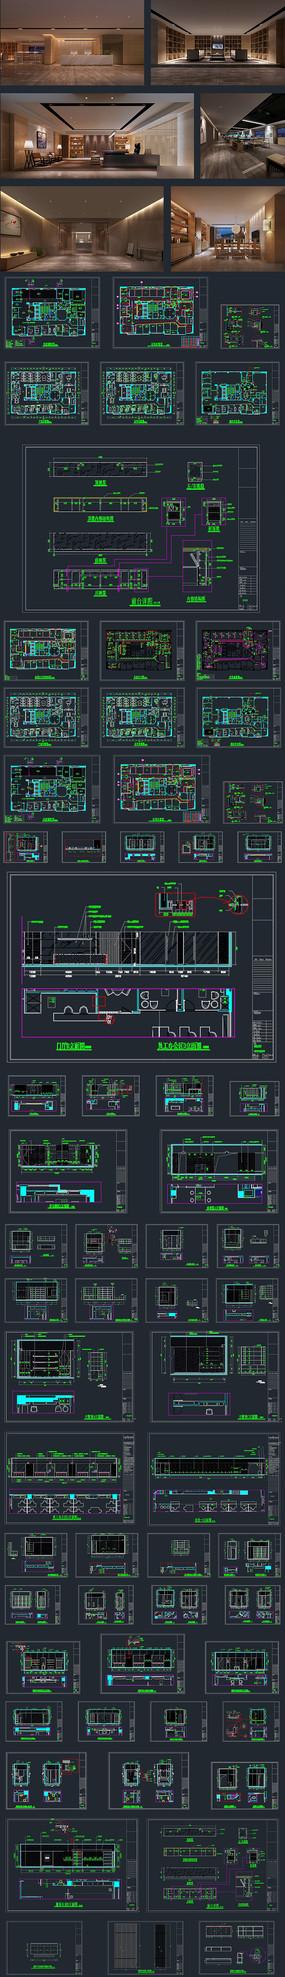 禅意办公室装修CAD施工图